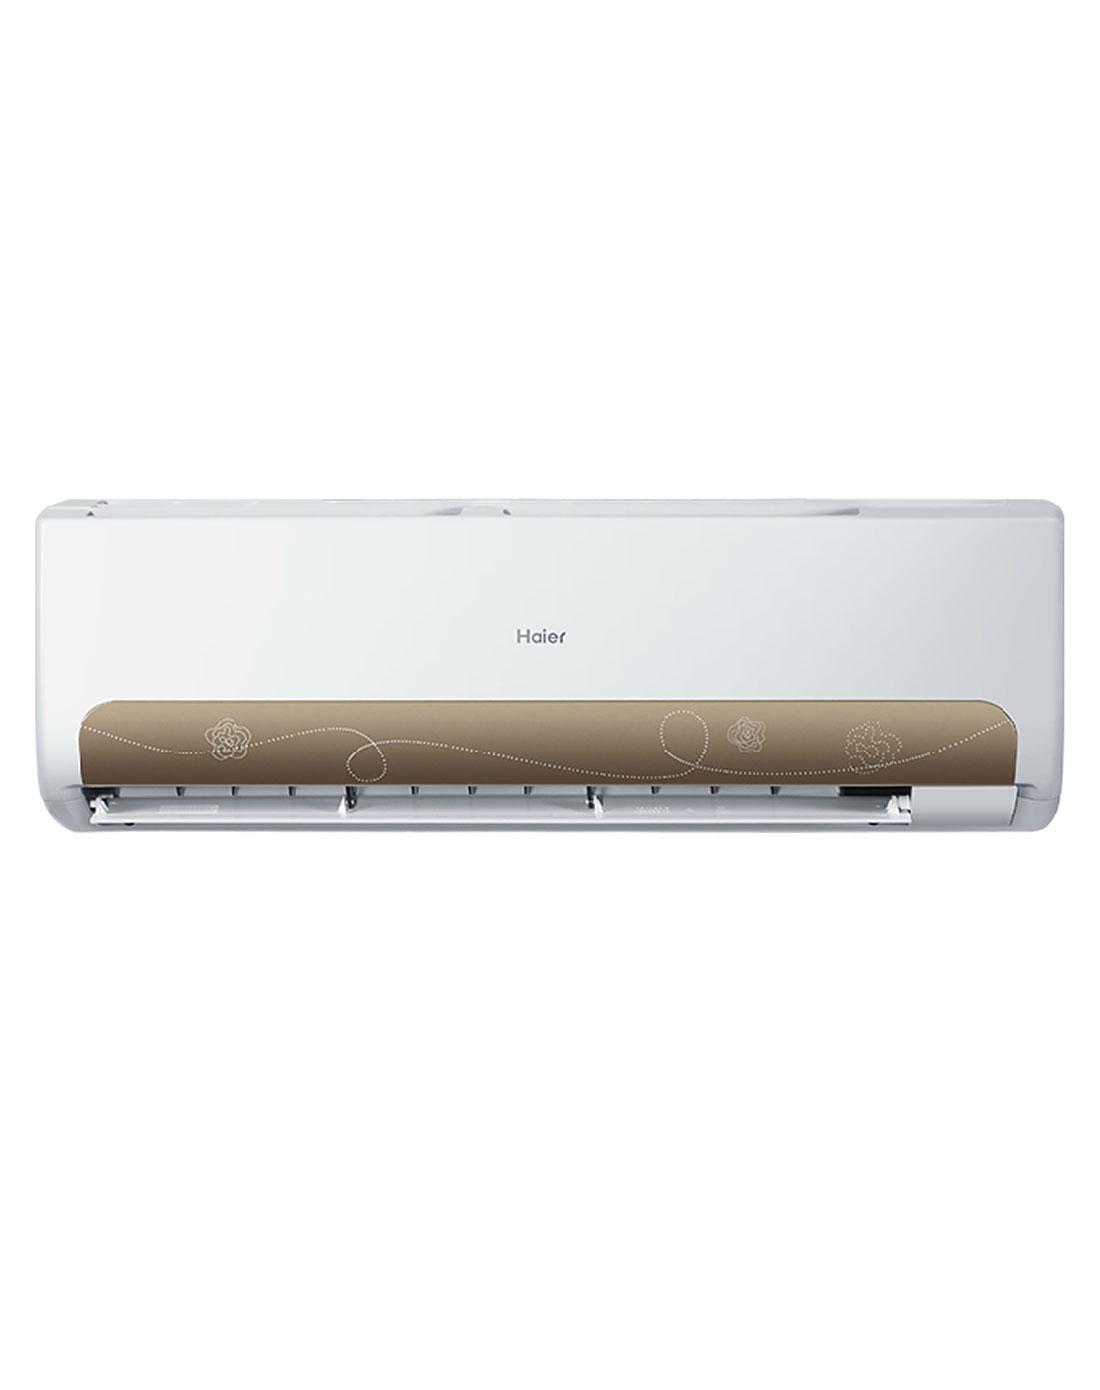 海尔haier冰洗空专场大1匹变频空调冷暖型壁挂式空调